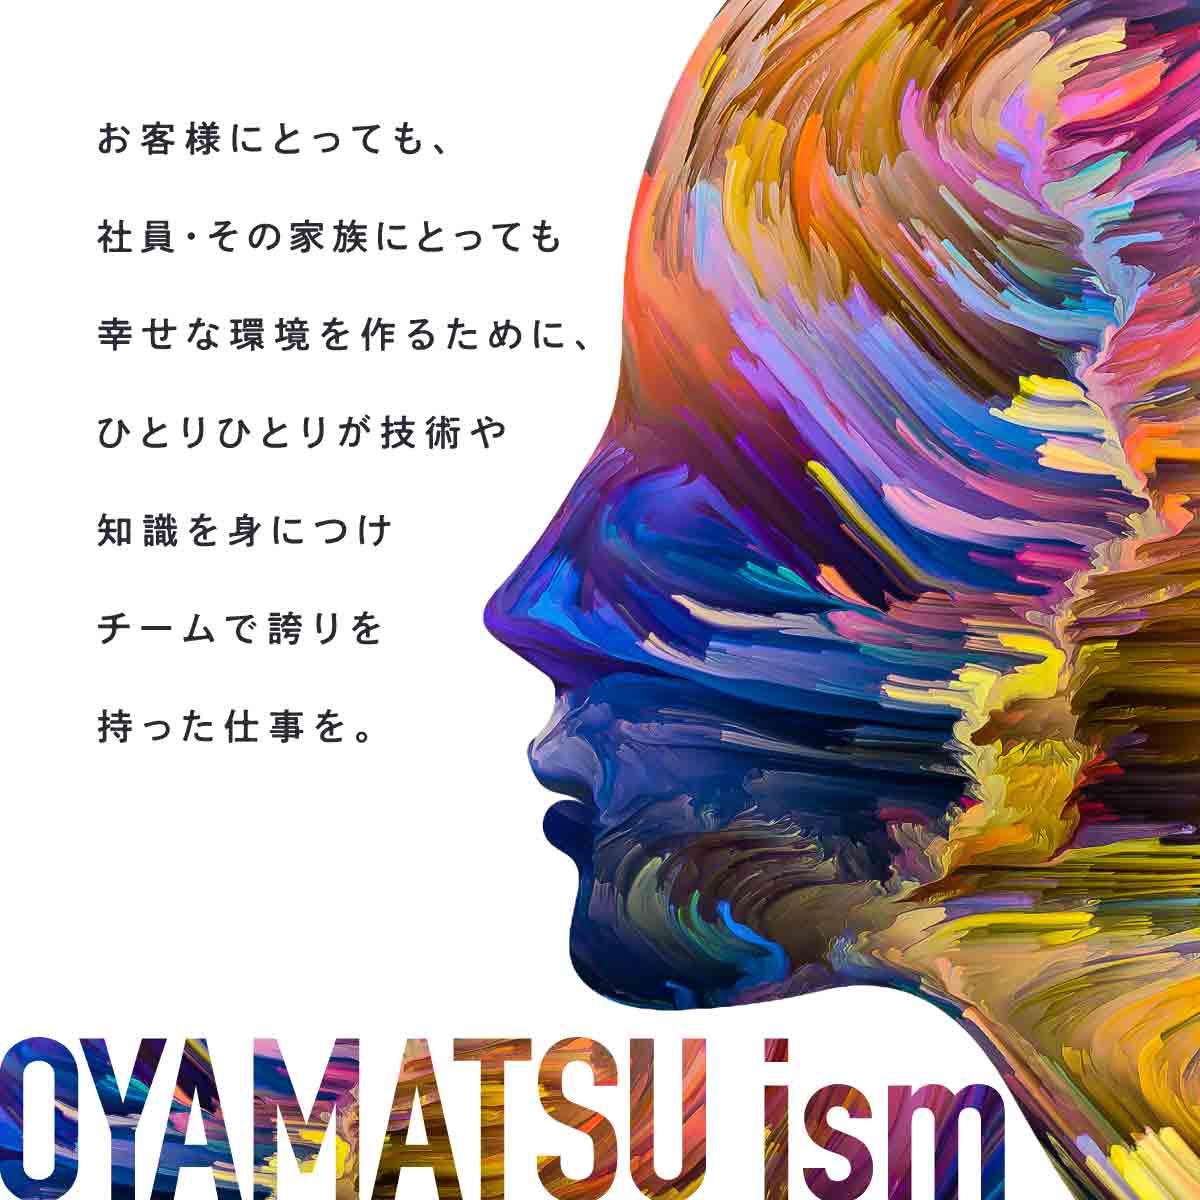 OYAMATSU ism